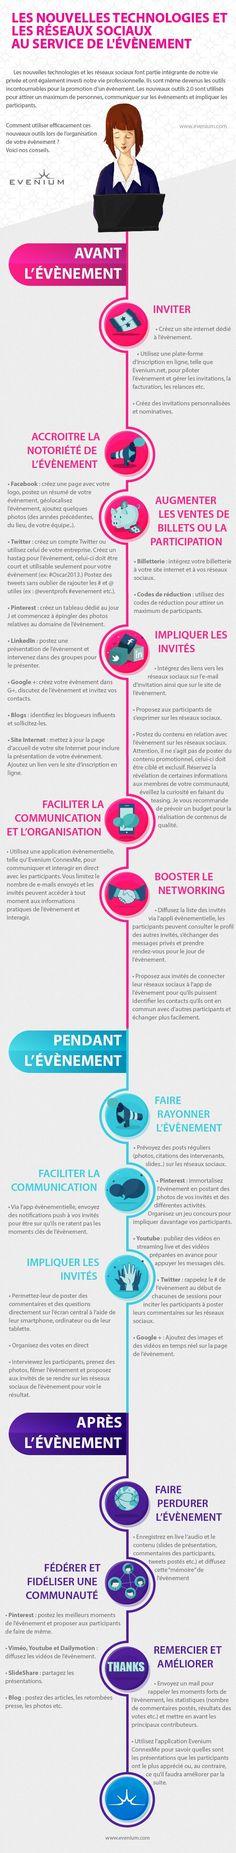 Comment utiliser efficacement les nouveaux outils et le #socialmedia pour vos événements ? http://www.1min30.com/social-media-marketing/community-management-et-evenementiel-en-infographie-8372